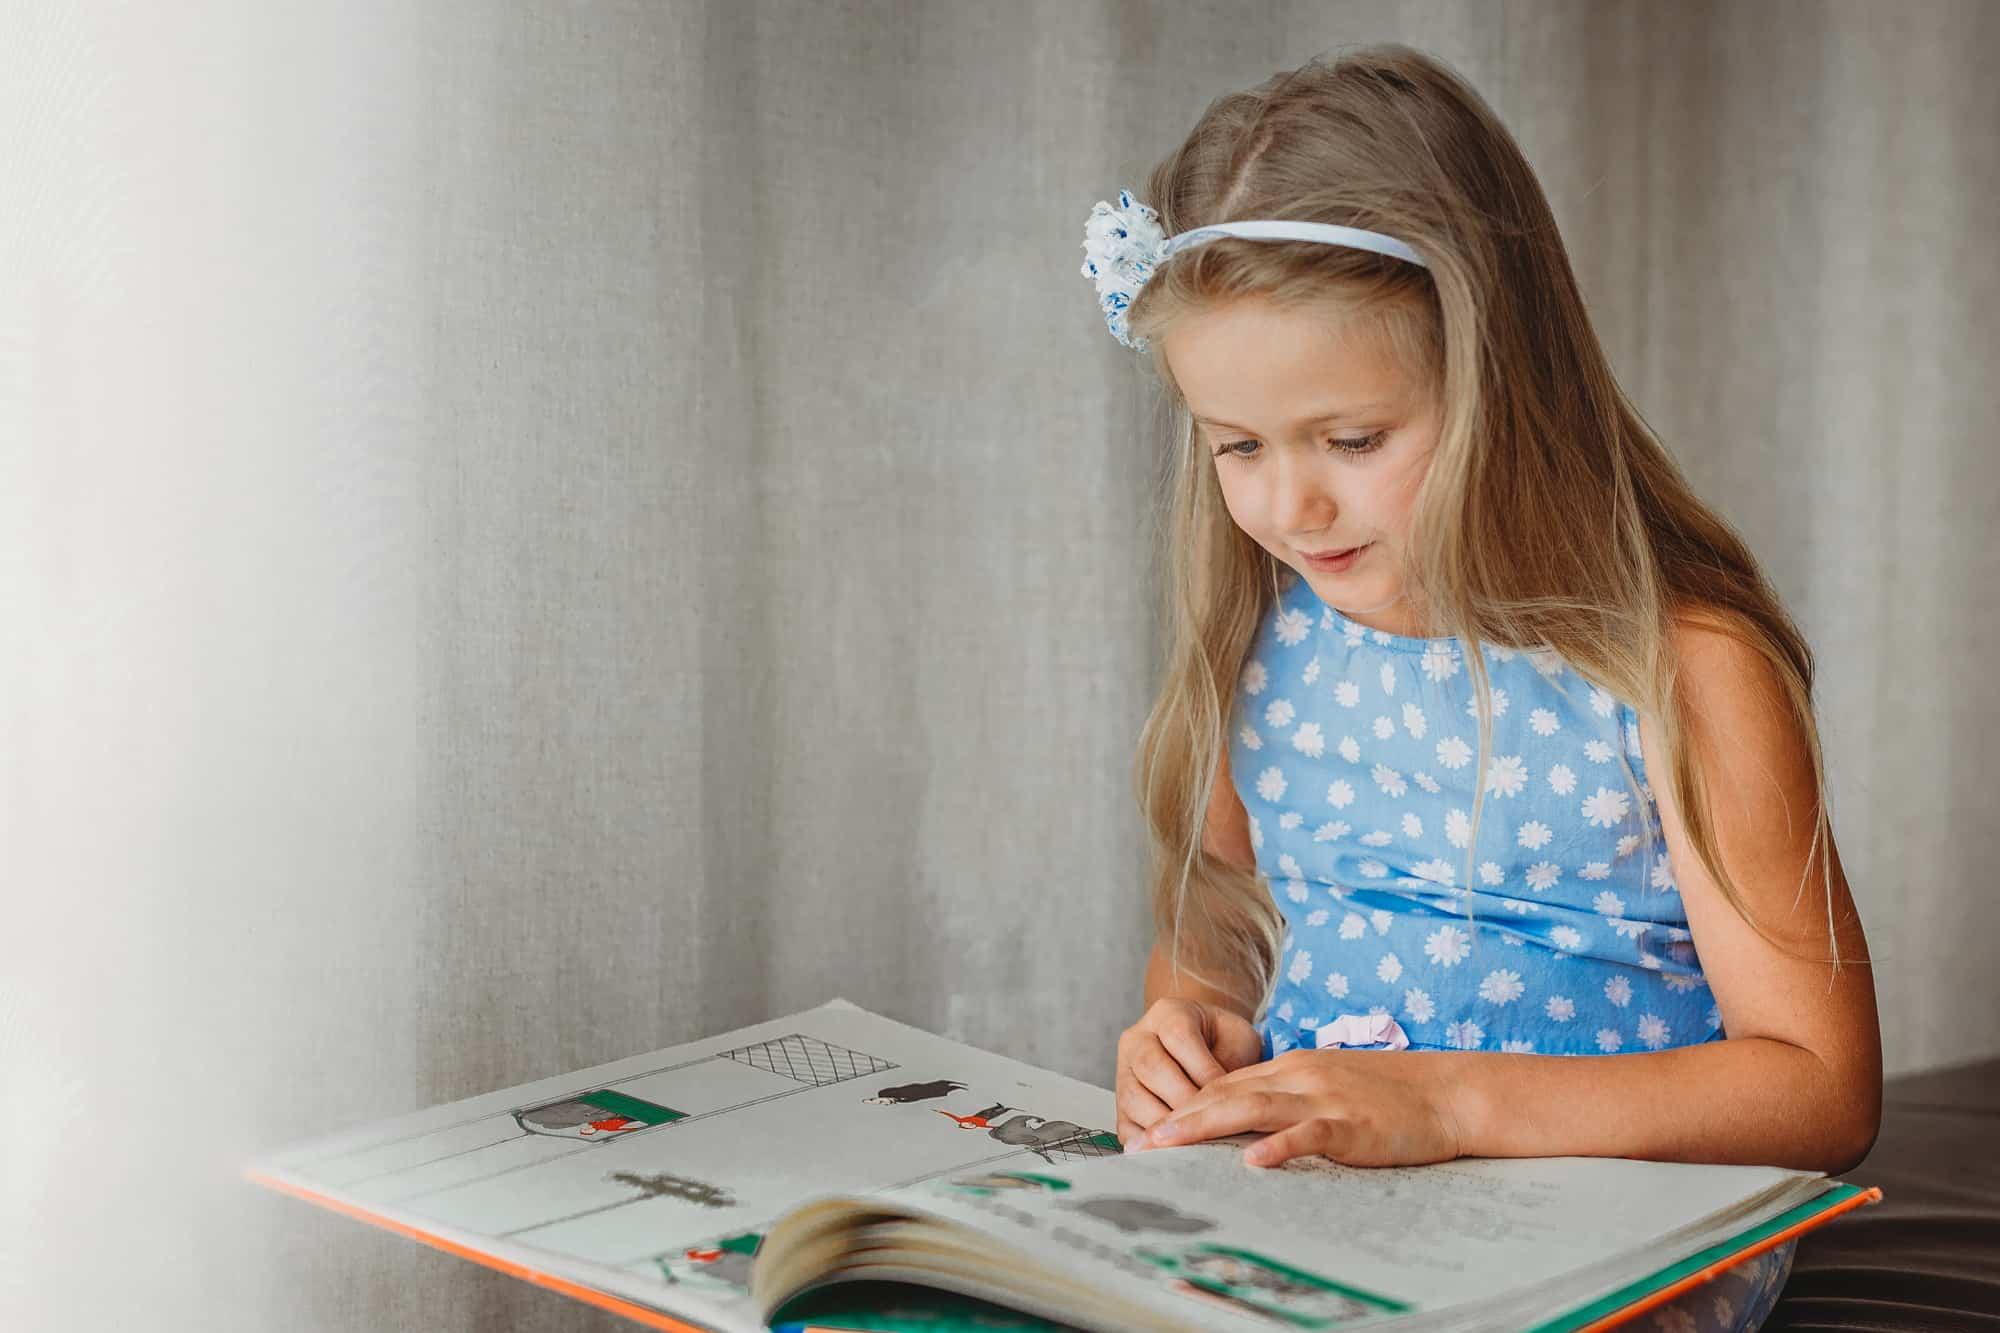 Mädchen sieht sich ein Märchenbuch an, fotografiert von Ursula Leopold, Sujetbild zum Blogartikel 30 Beschäftigungsideen